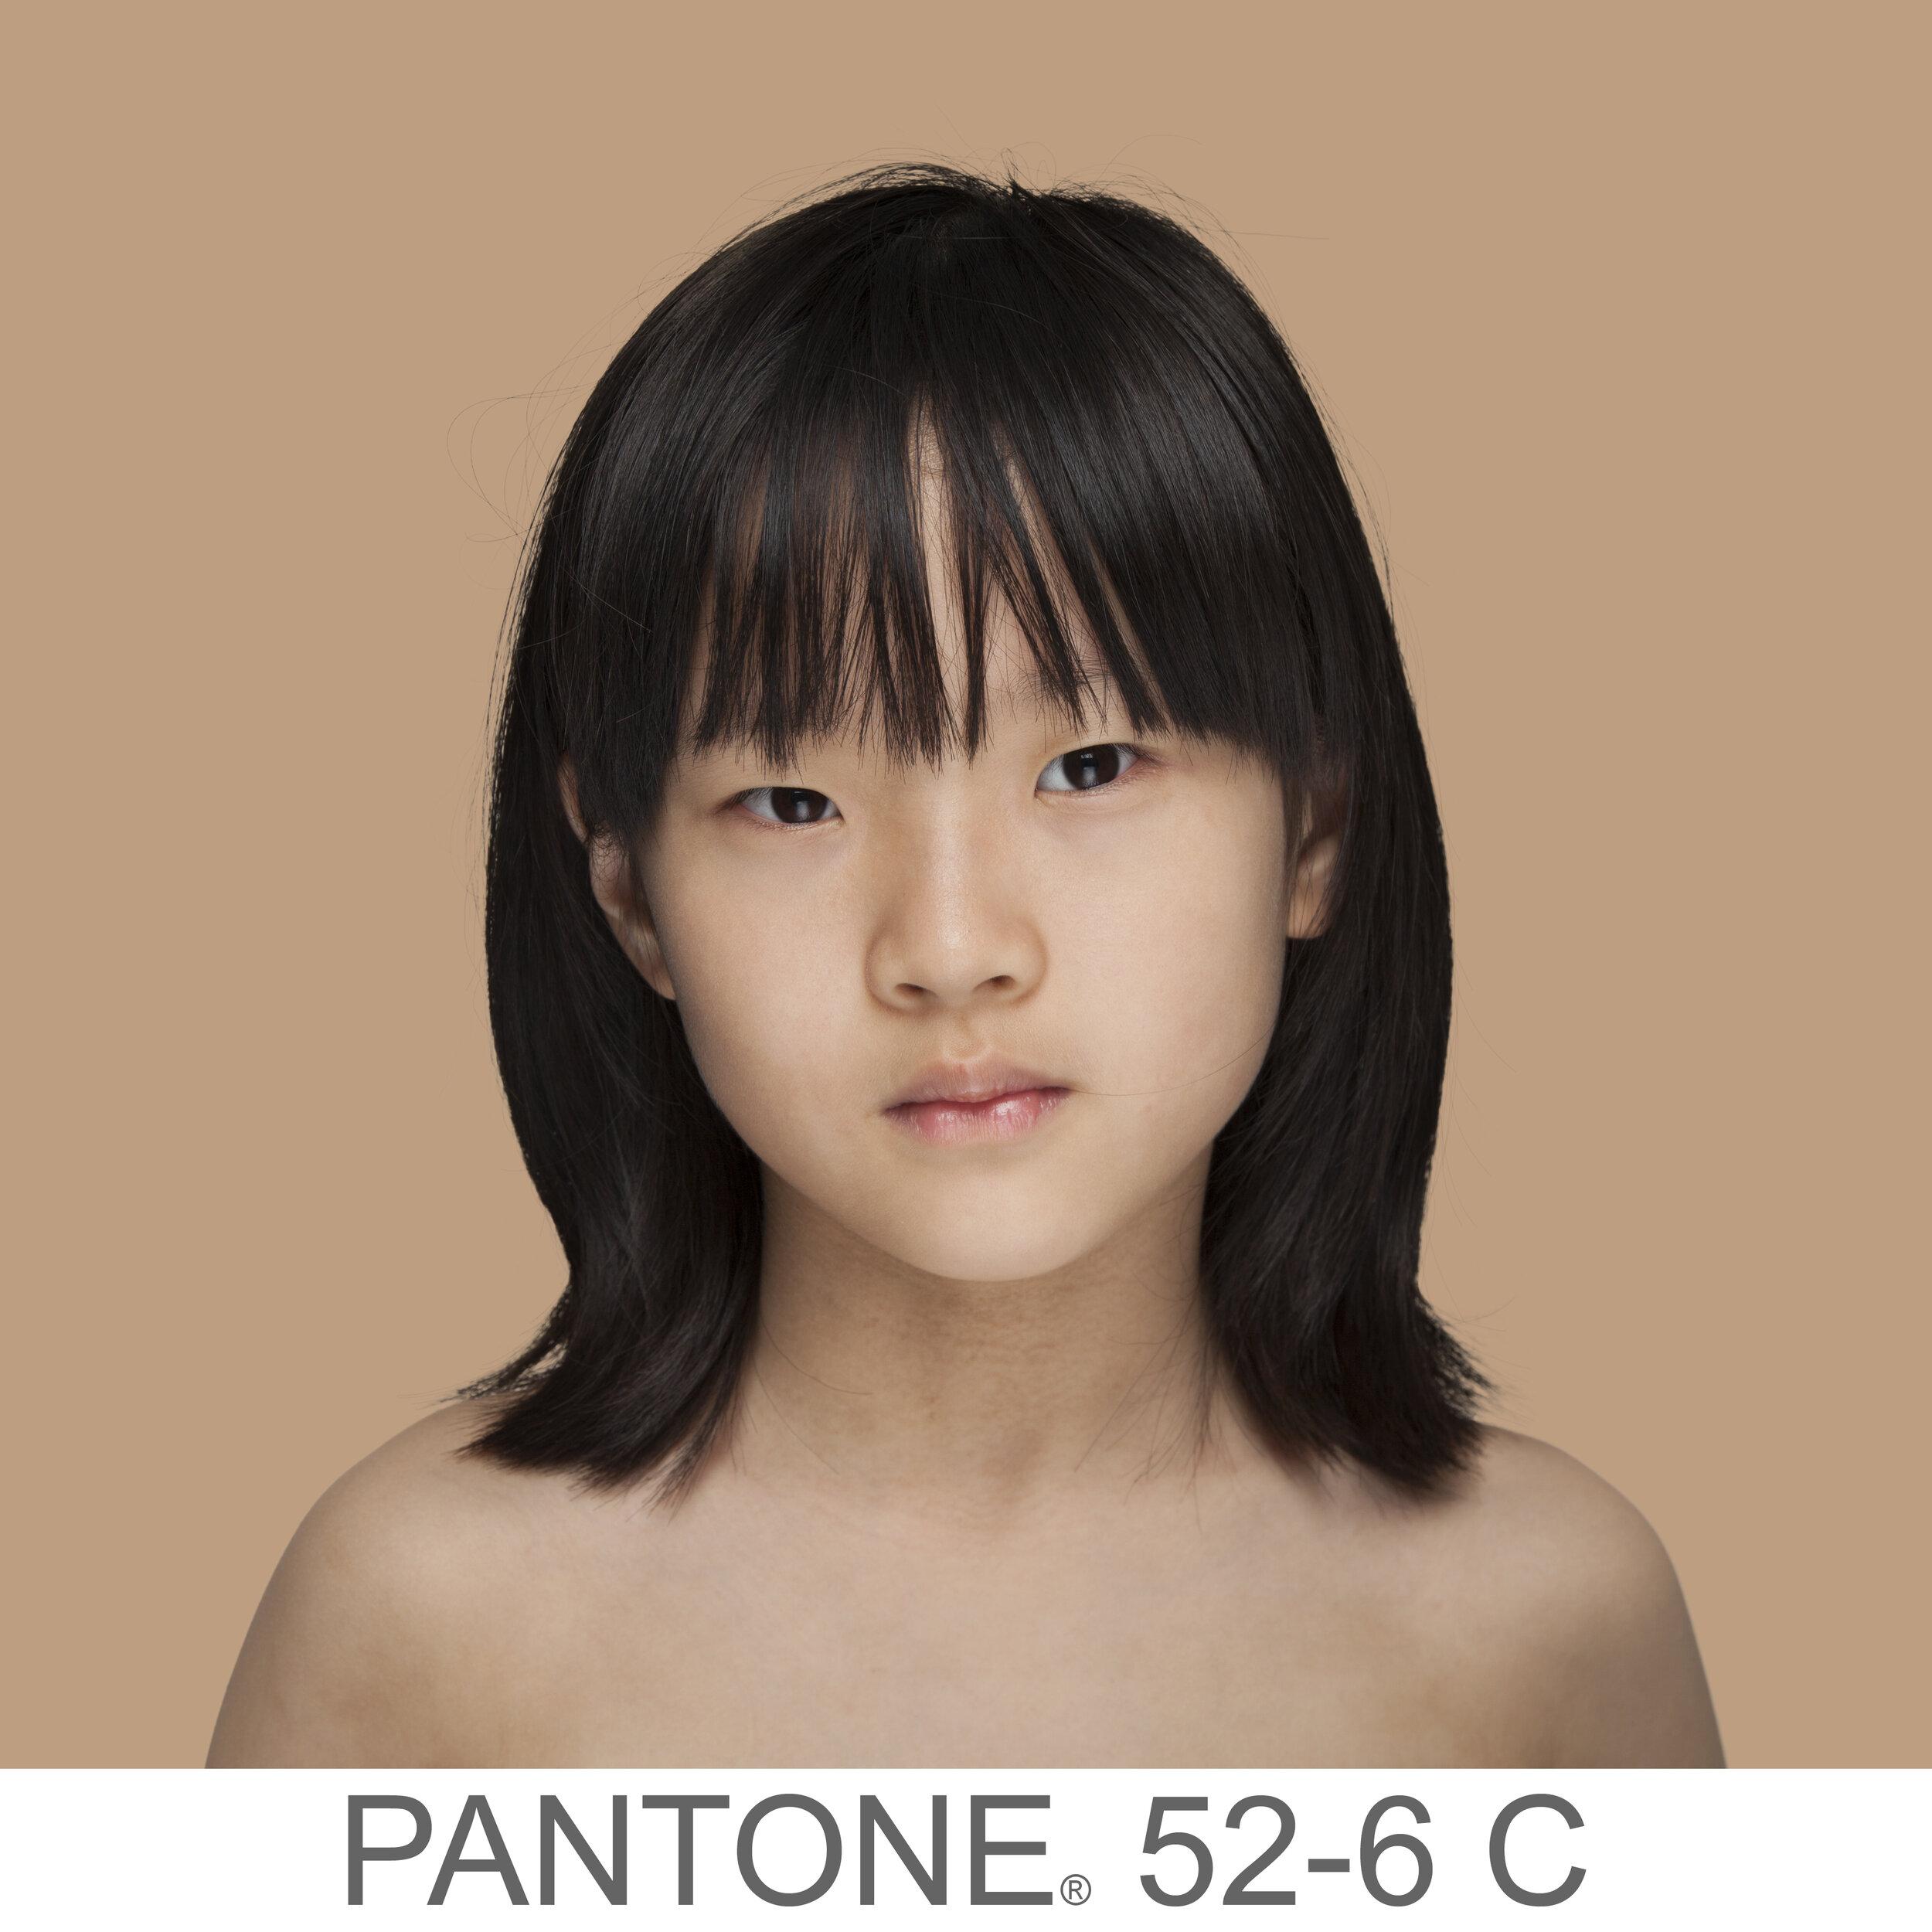 humanae 52-6 C1 CN copia.jpg